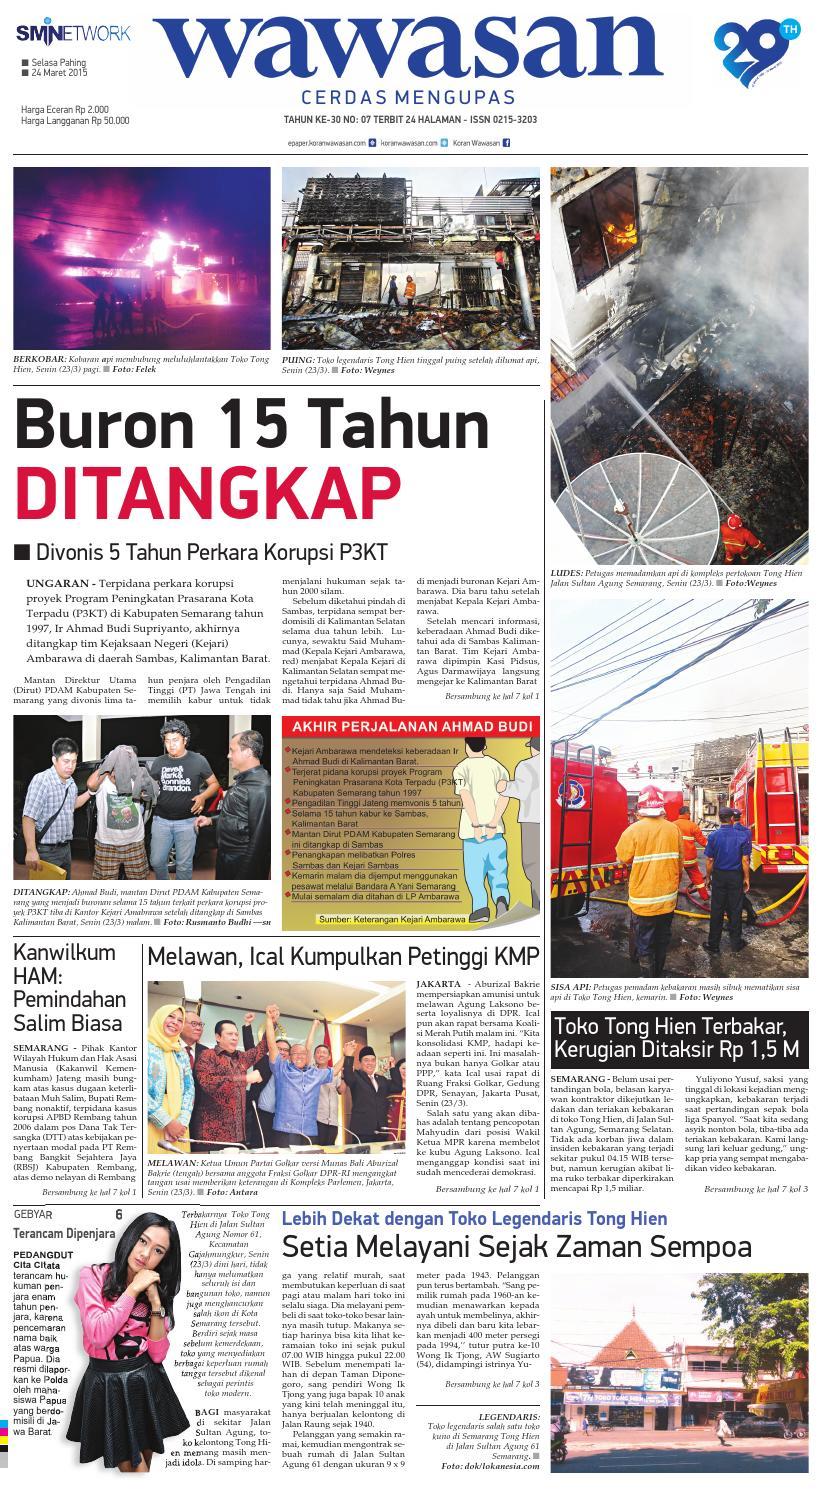 WAWASAN 24 Maret 2015 by KORAN PAGI WAWASAN - issuu 52eeba323c